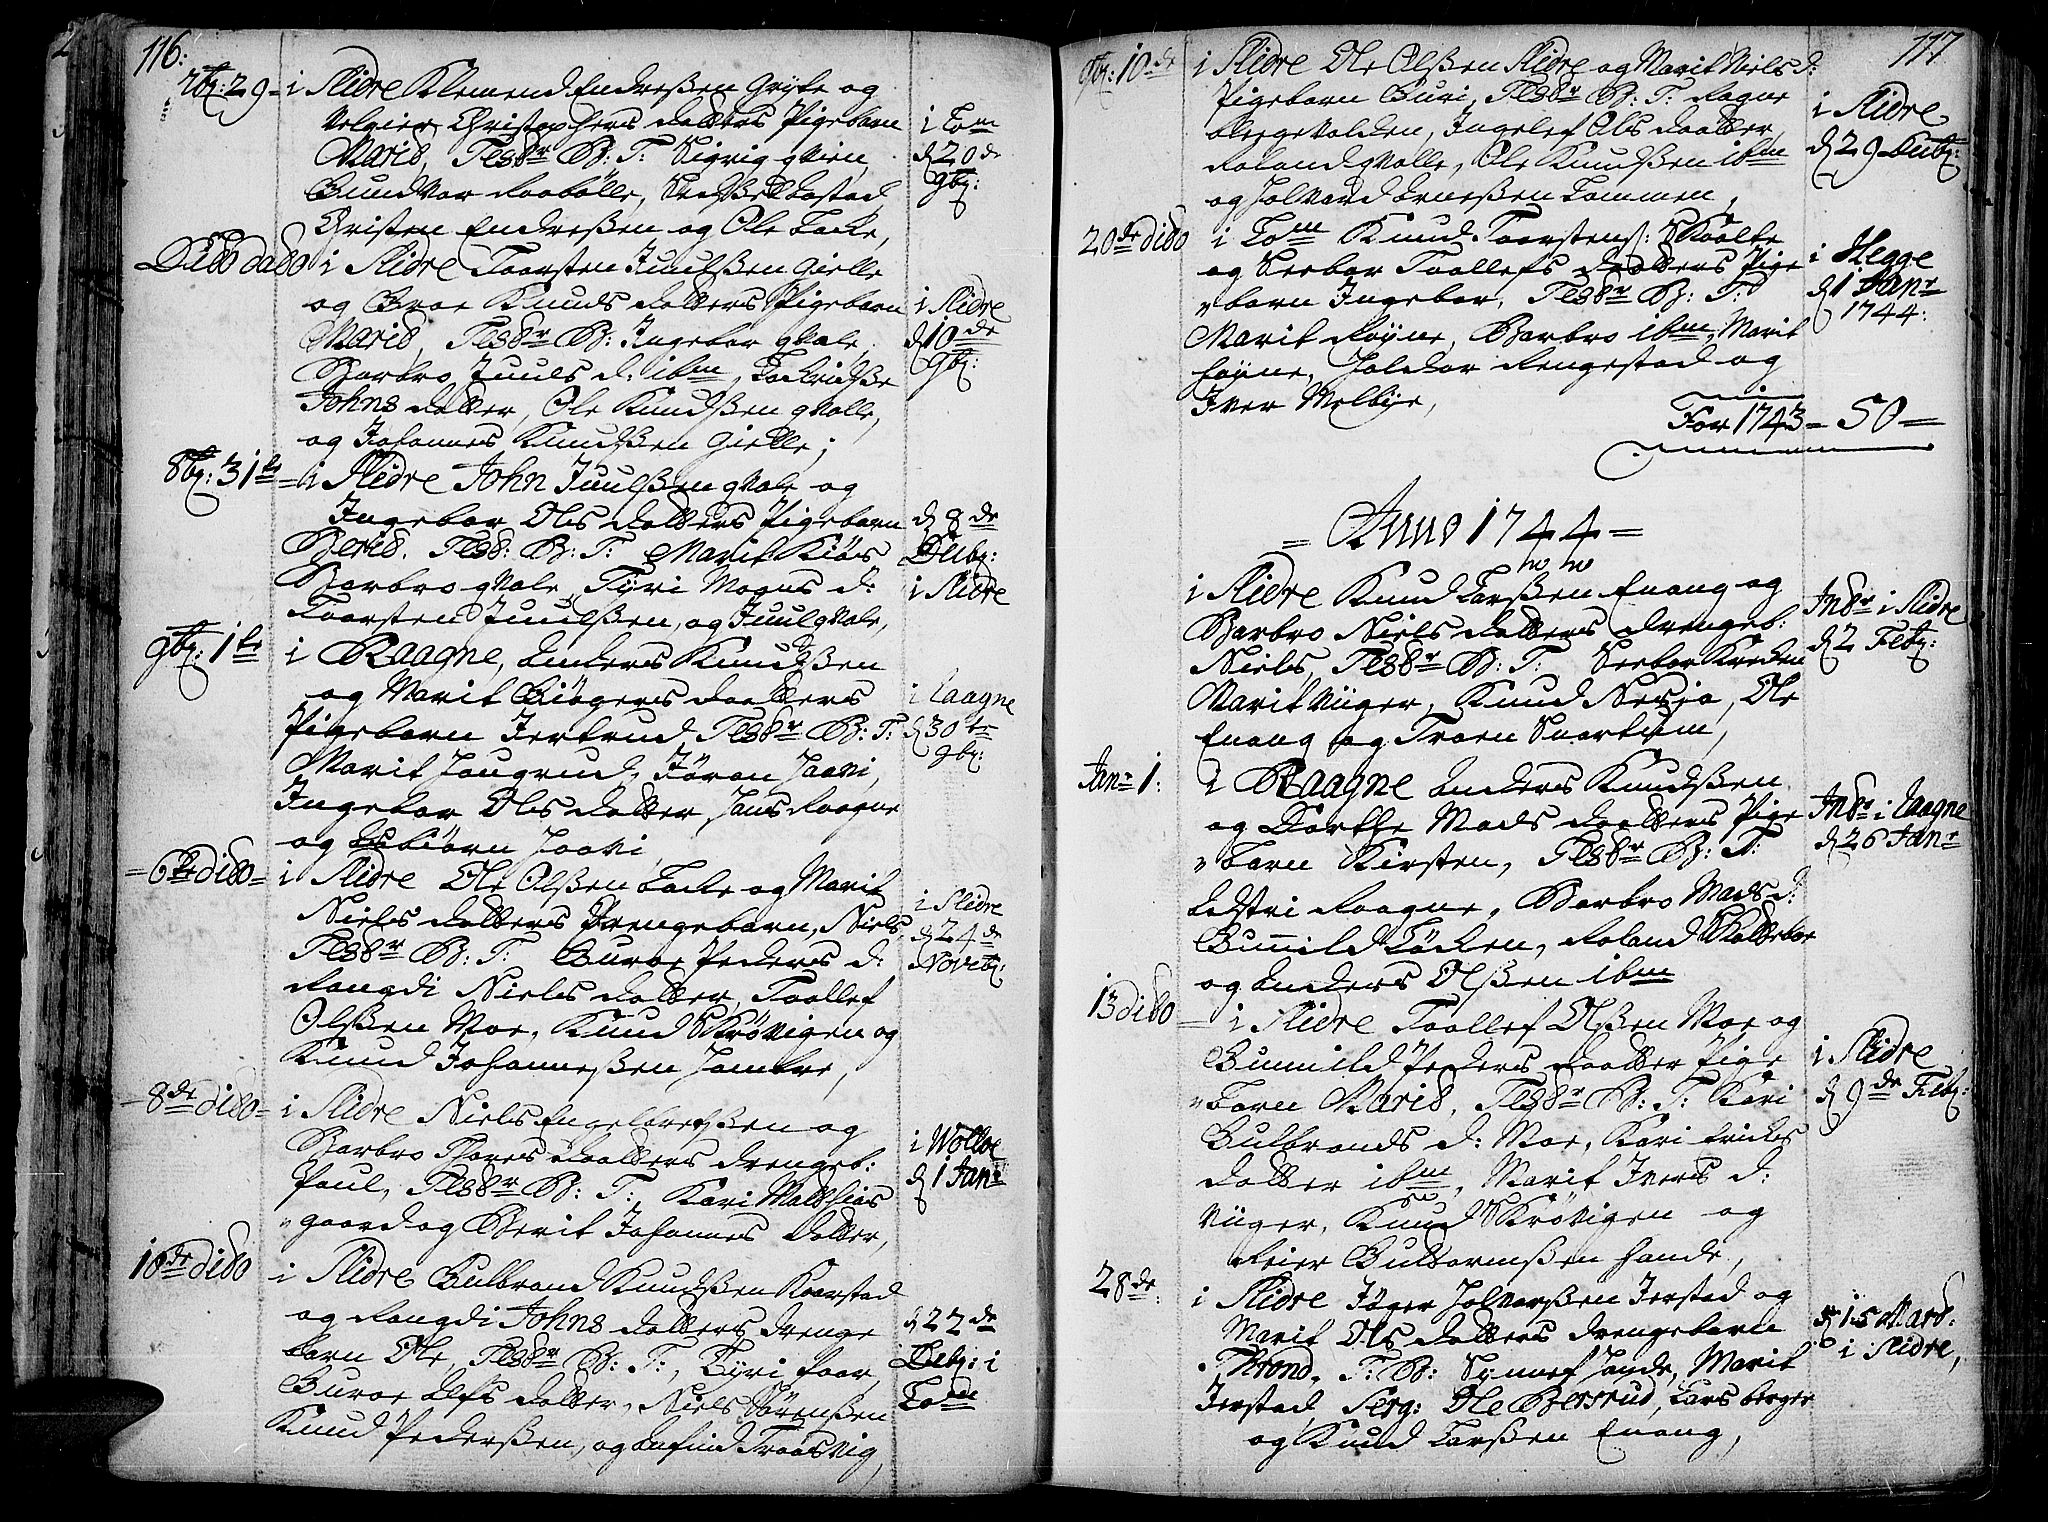 SAH, Slidre prestekontor, Ministerialbok nr. 1, 1724-1814, s. 116-117